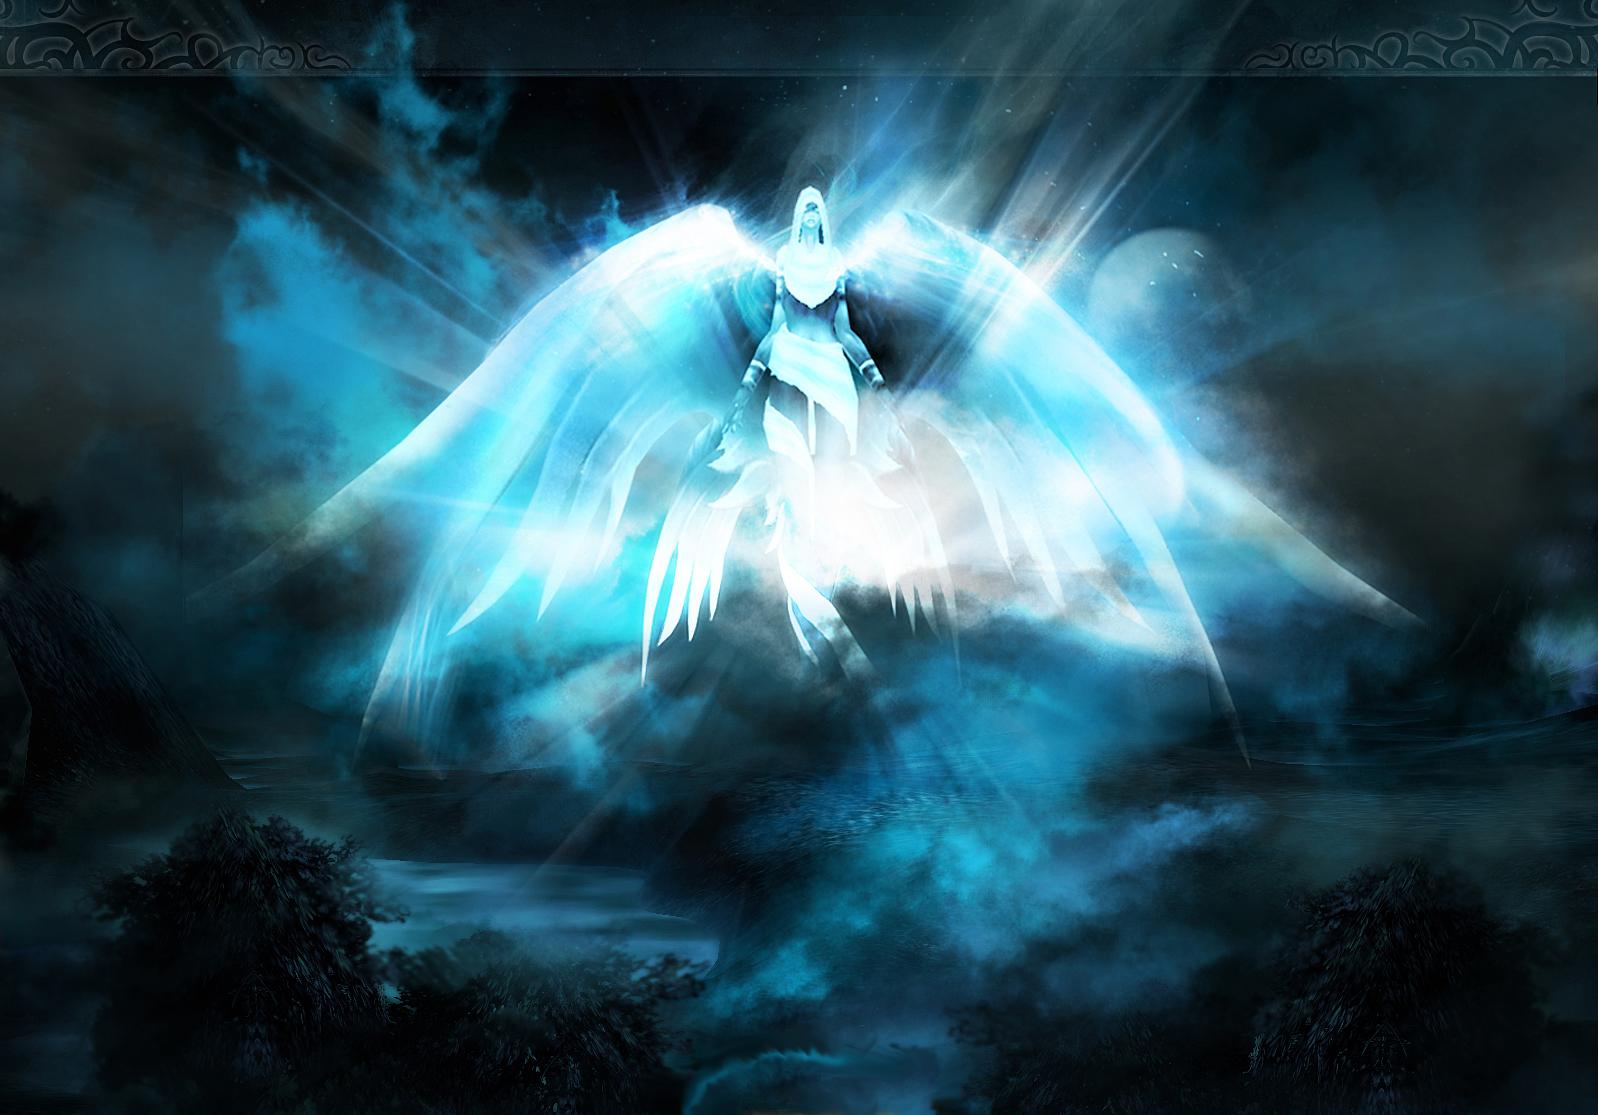 free wallpaper for desktop of angels   wwwwallpapers in hdcom 1598x1115